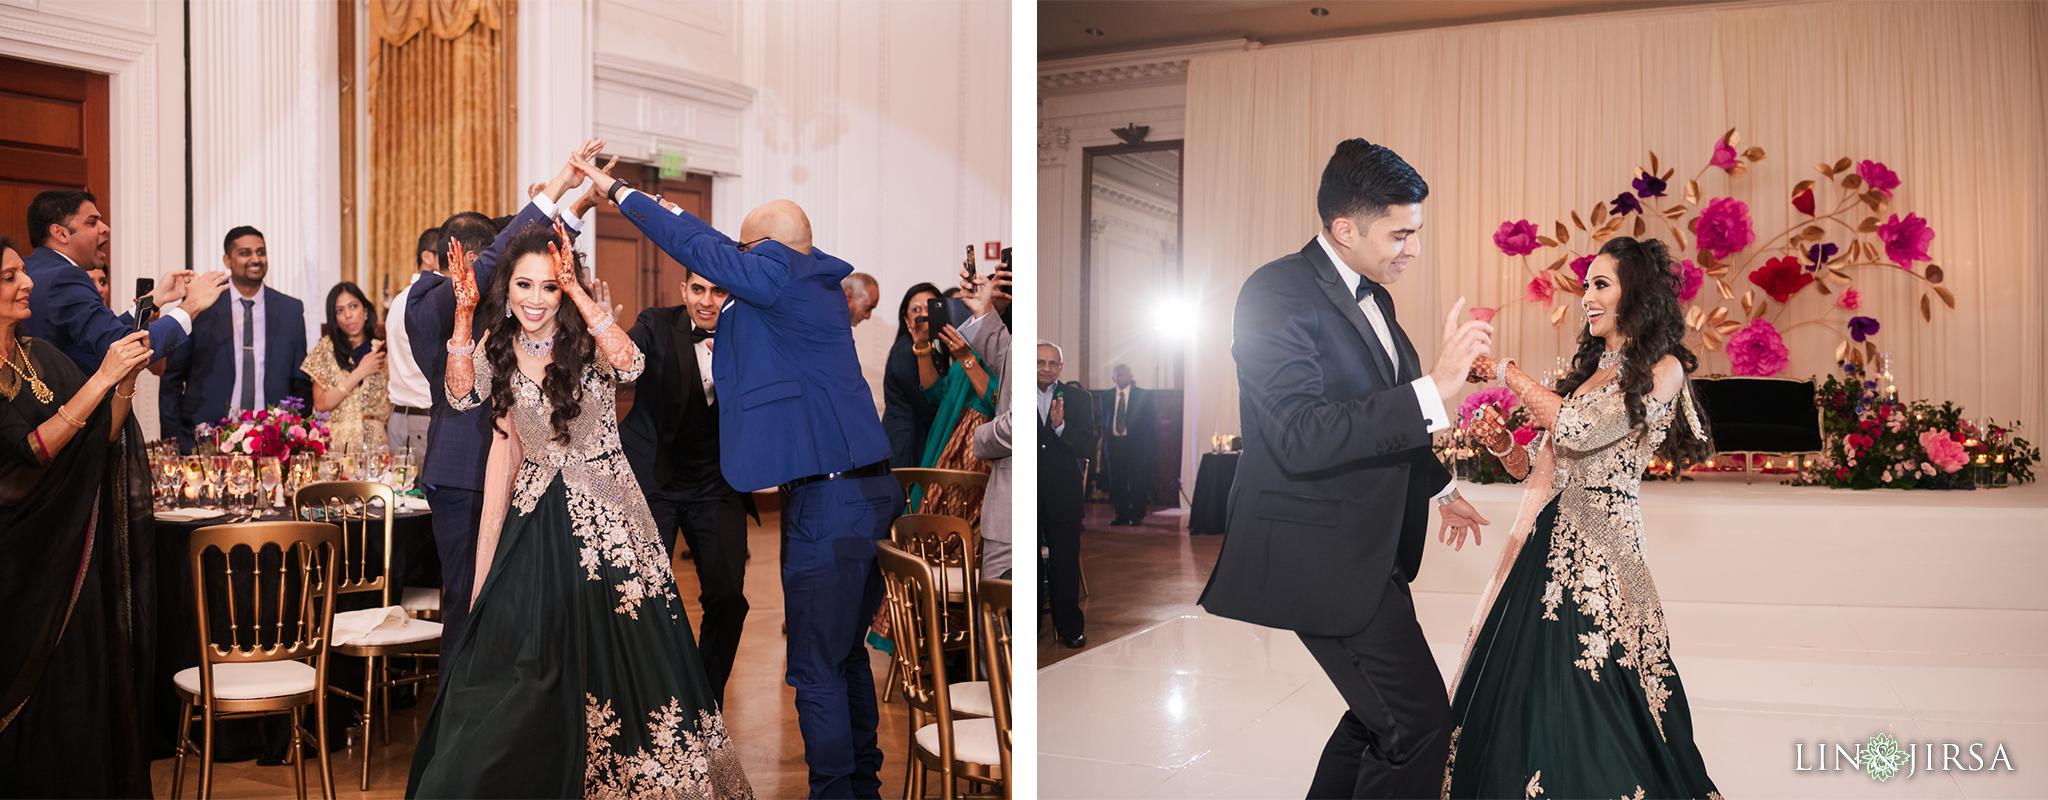 12 Richard Nixon Library Indian Wedding Photography